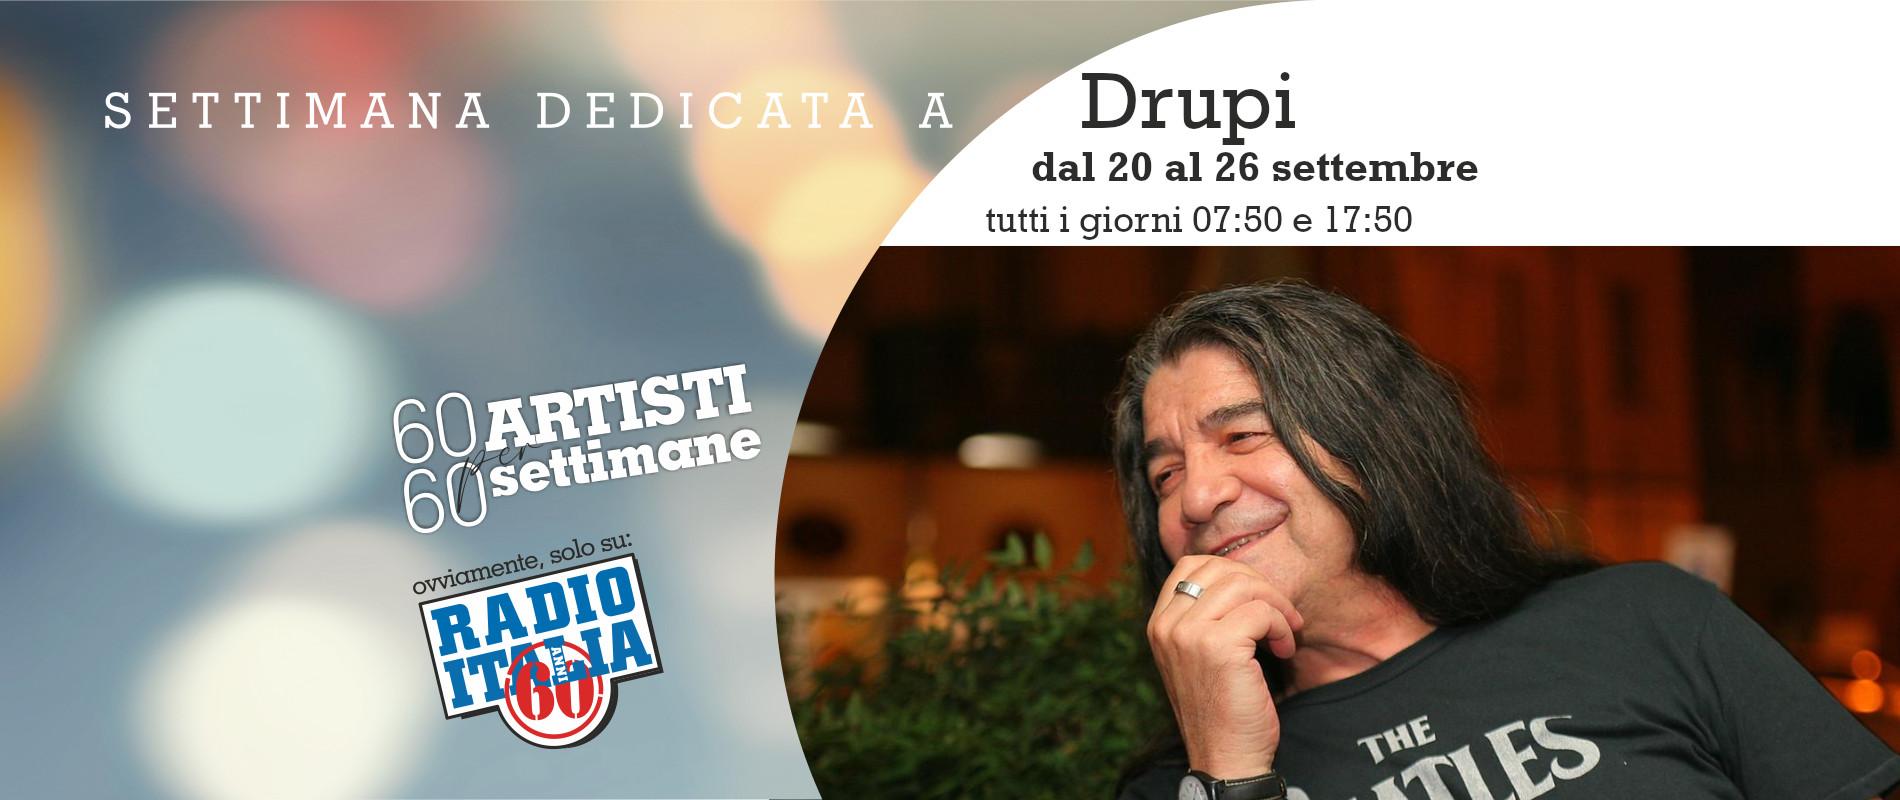 drupi_RADIOITA60_60artisti60settimane_1900x800_ARTISTA